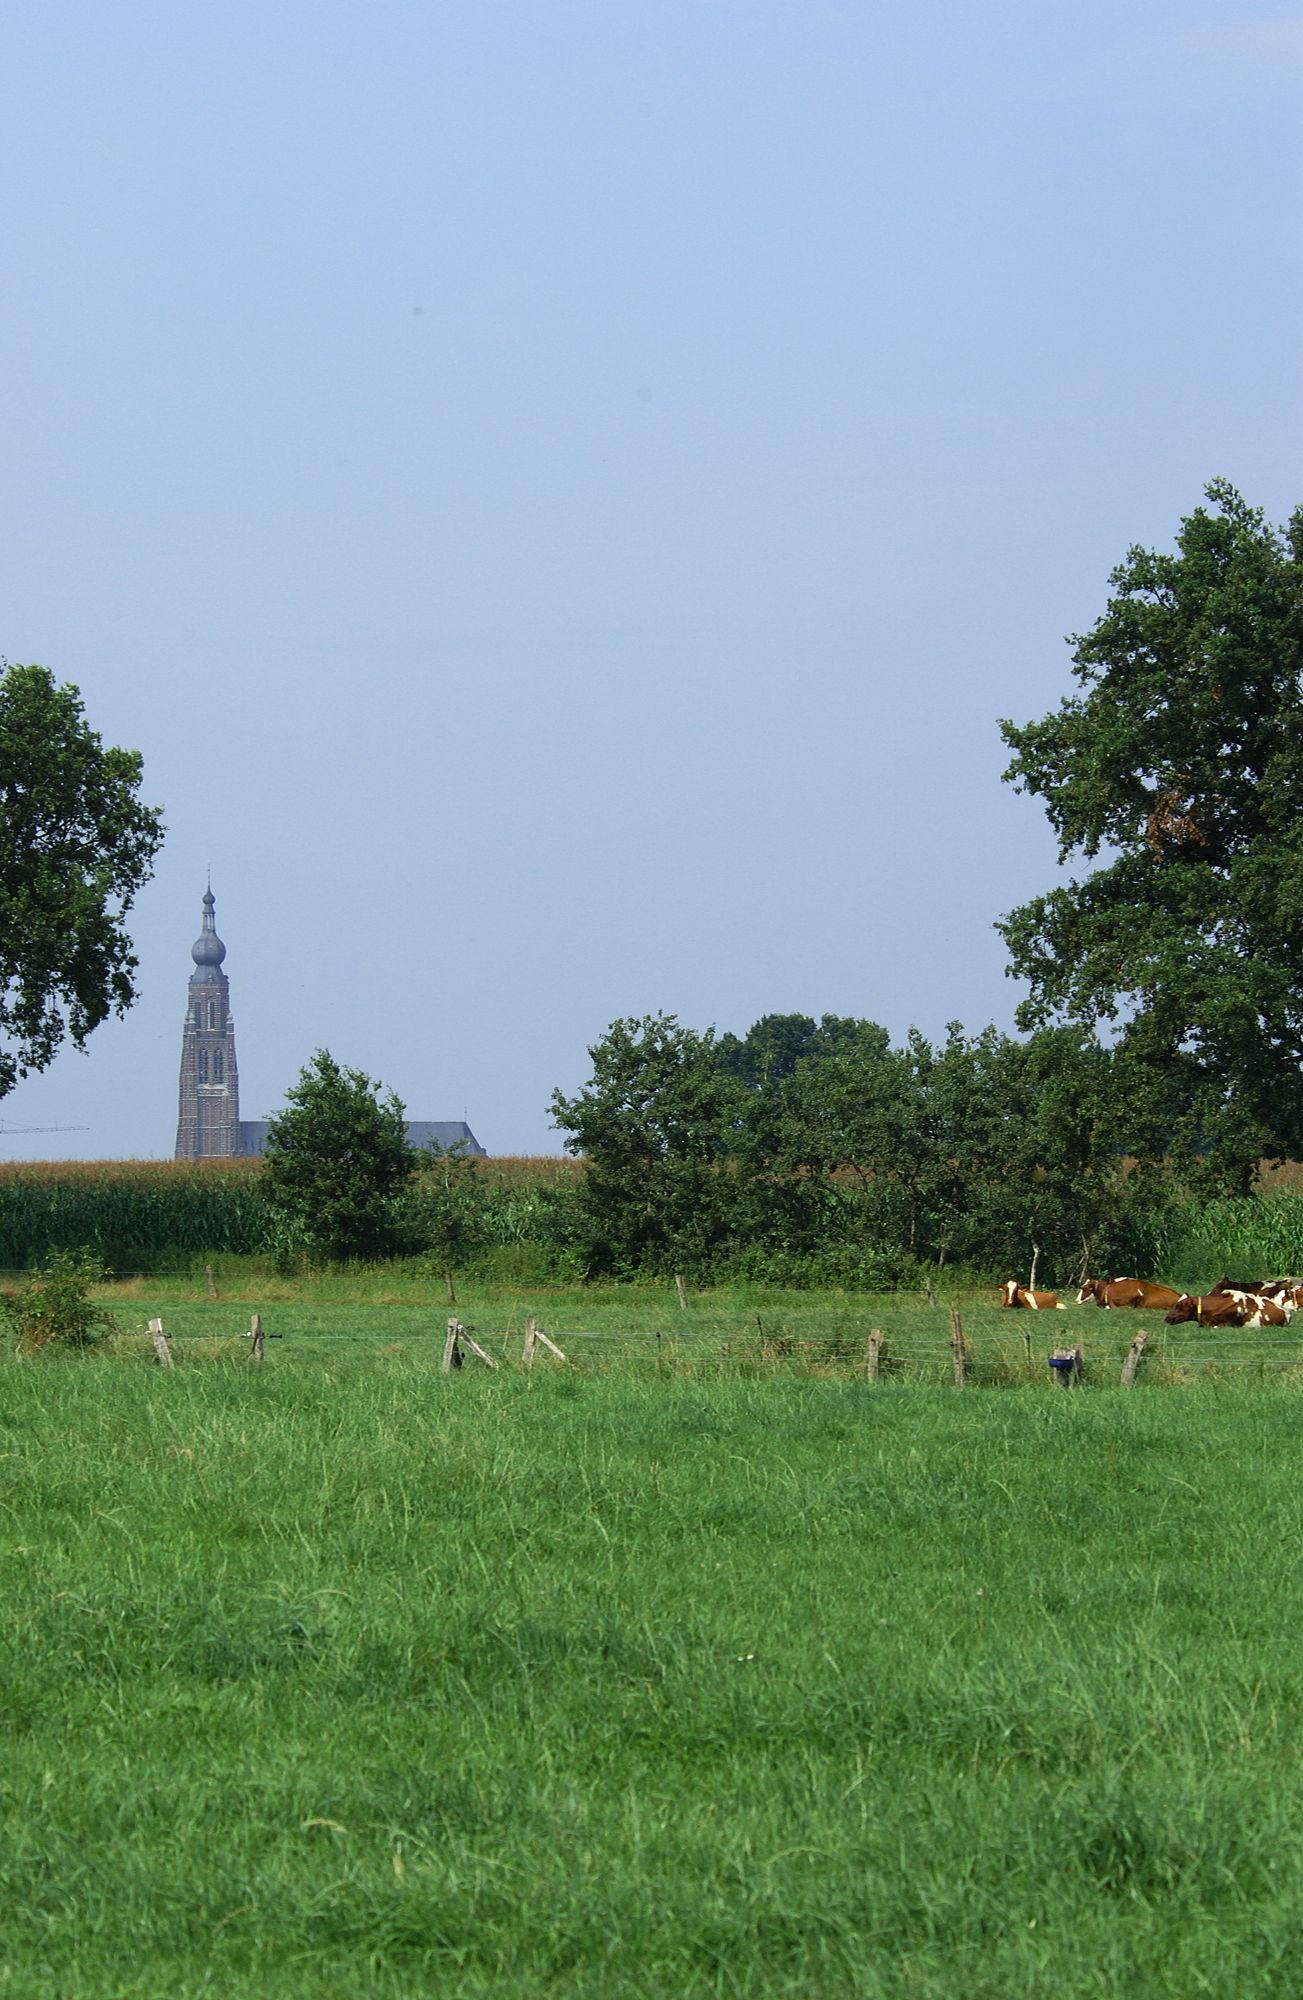 Deken Lauweryspad: Een rolstoelvriendelijke monumentenwandeling in Hoogstraten.